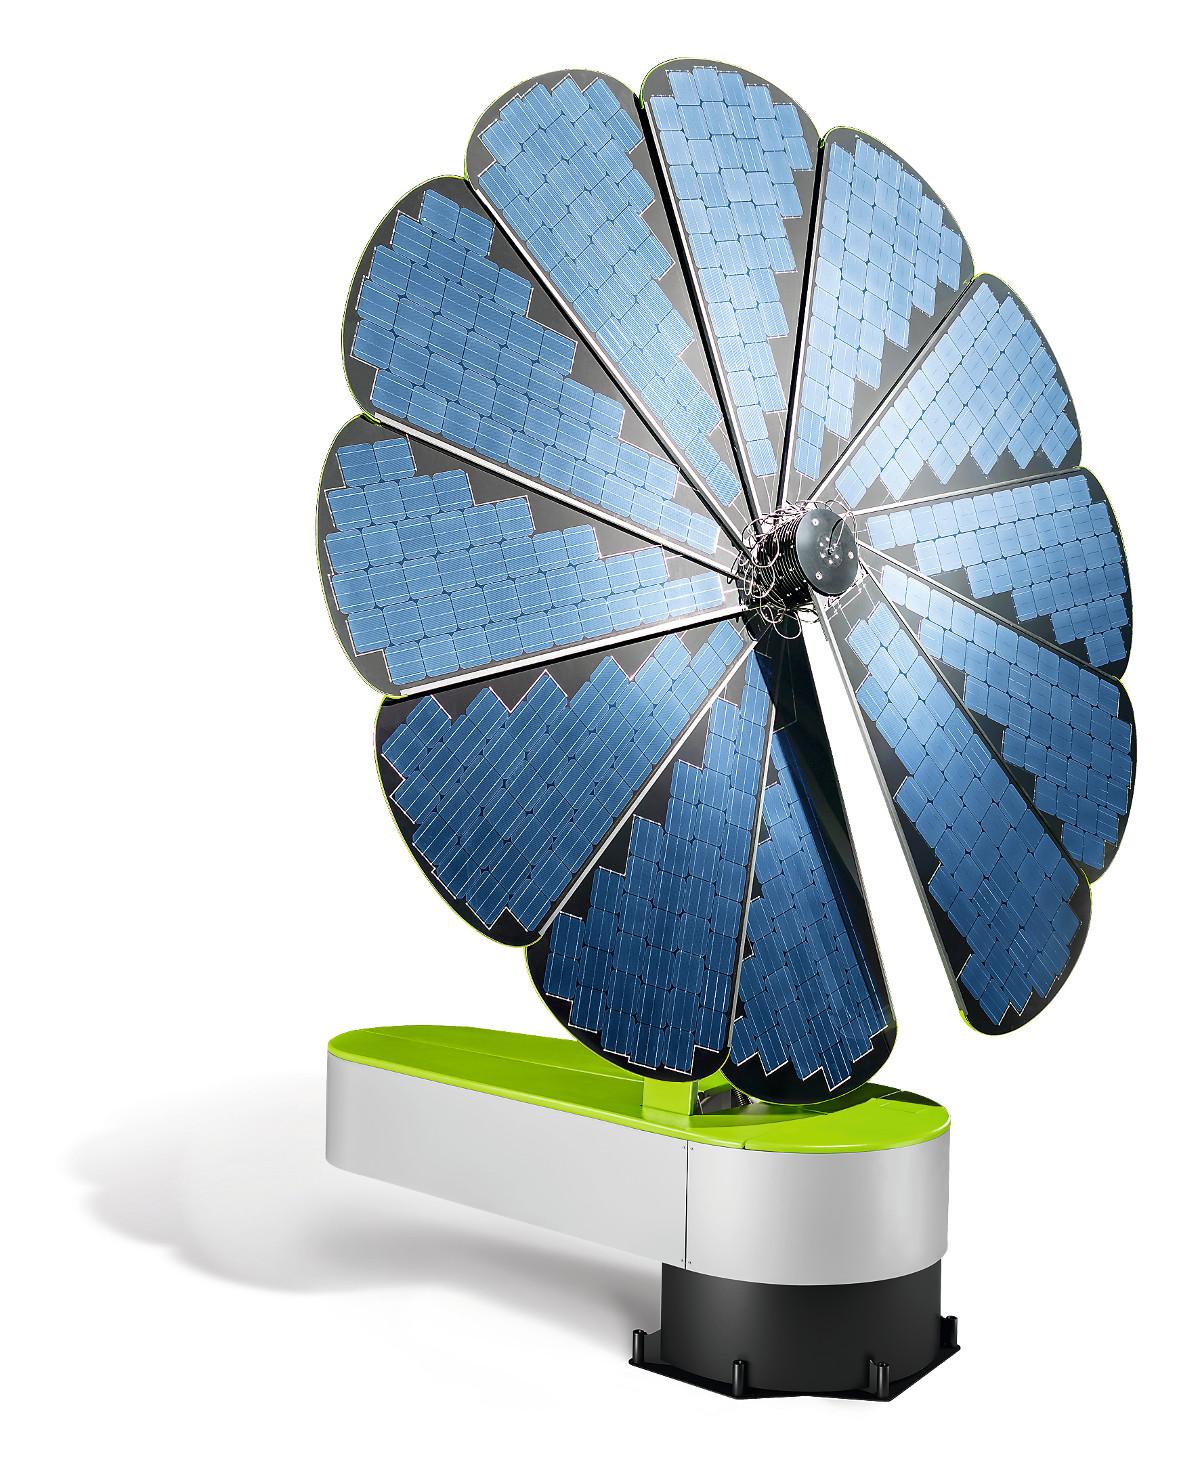 smartflower quand le solaire devient tendance le blog des tendances. Black Bedroom Furniture Sets. Home Design Ideas